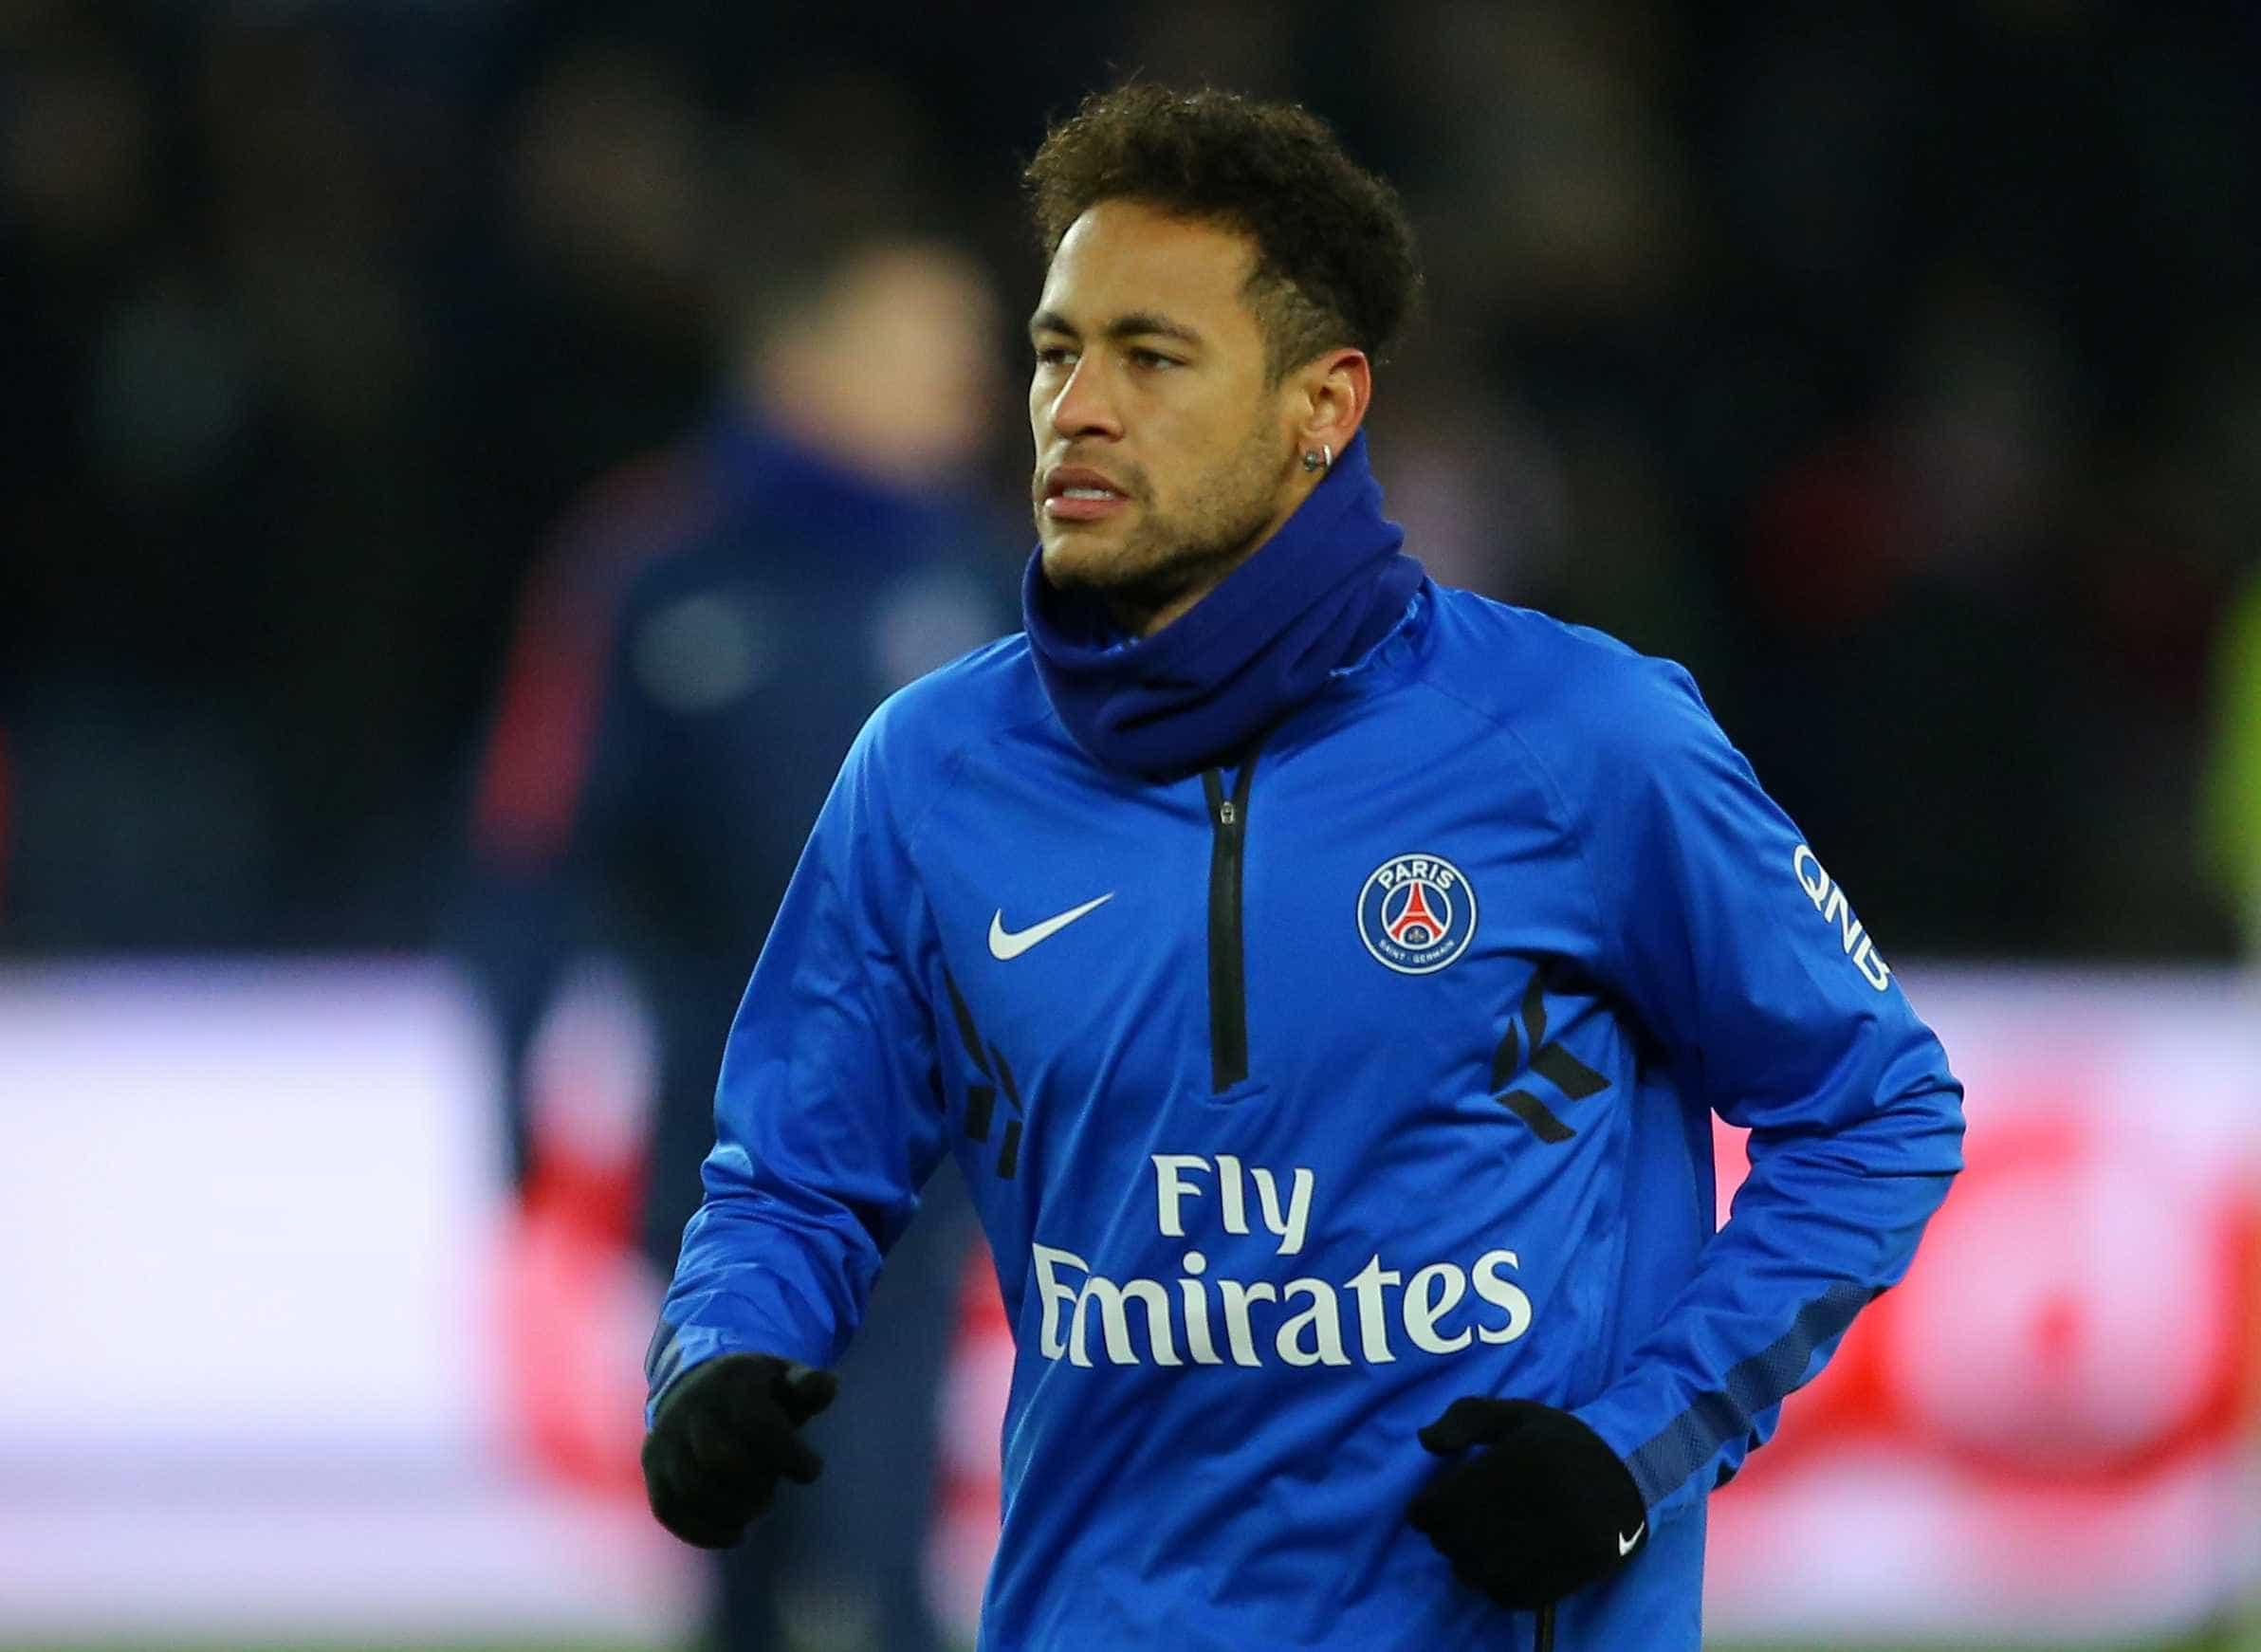 Diagnóstico de médico da Seleção sobre Neymar irrita PSG, diz jornal